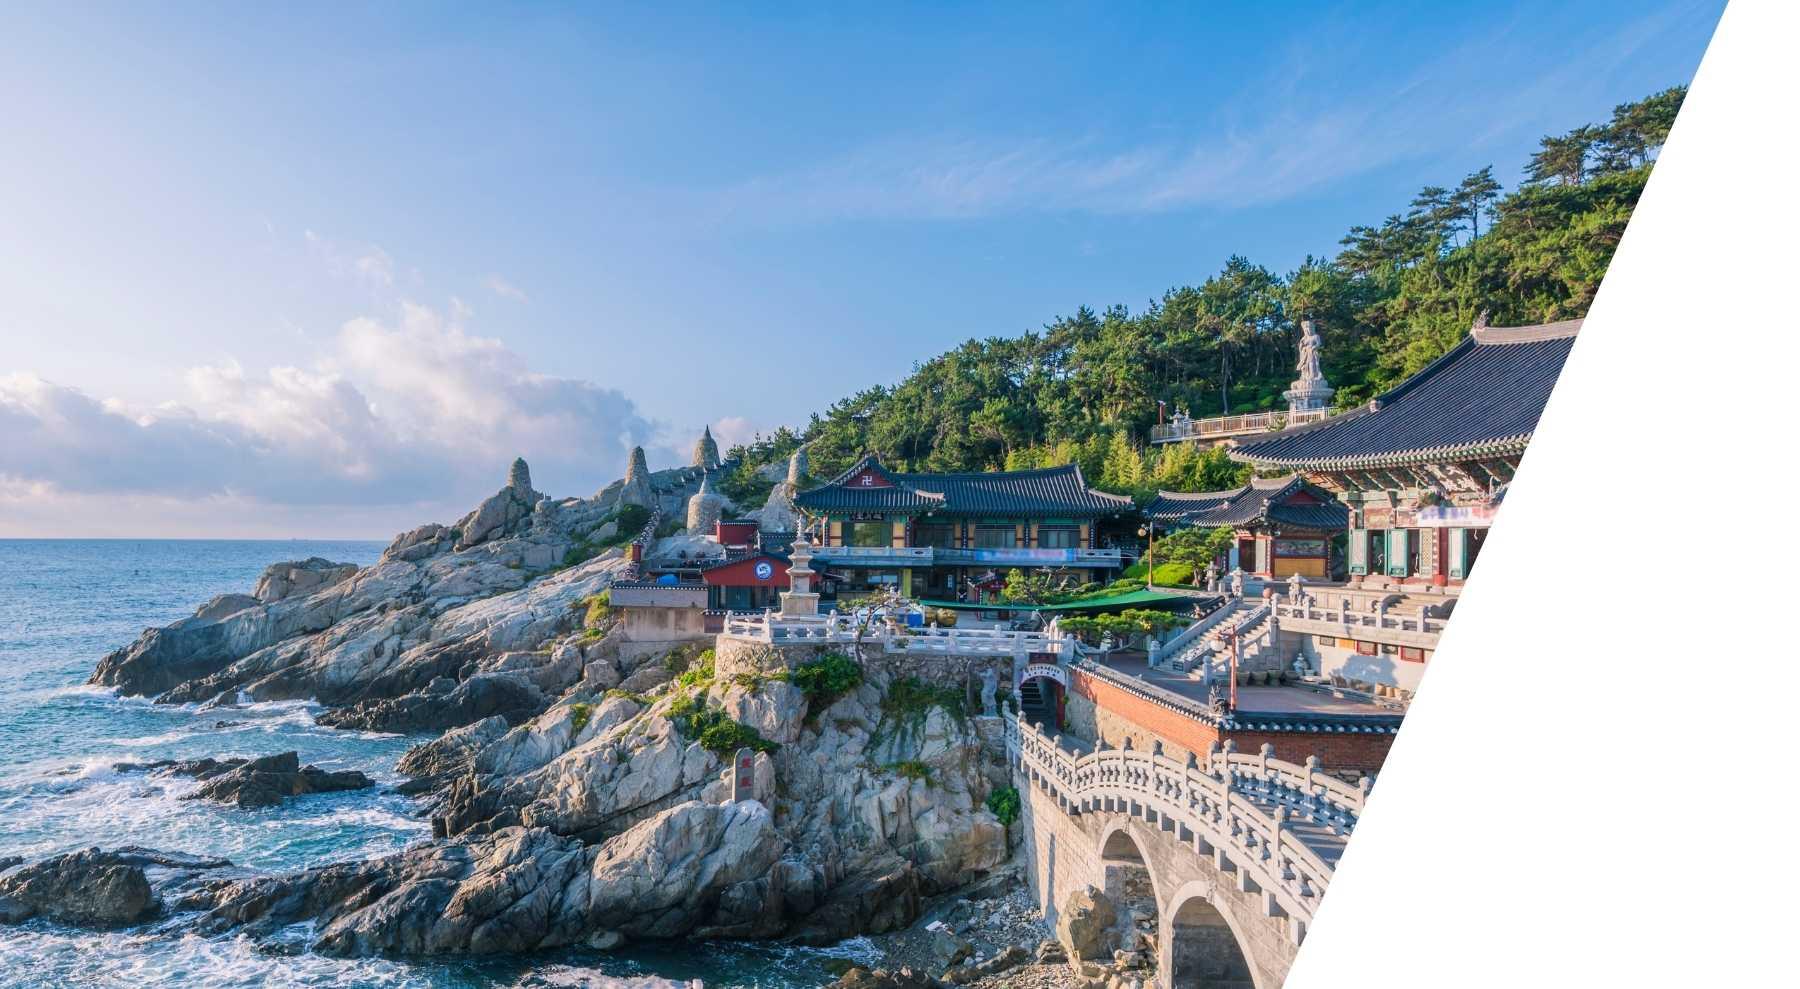 Korean Buildings on top of the rocks